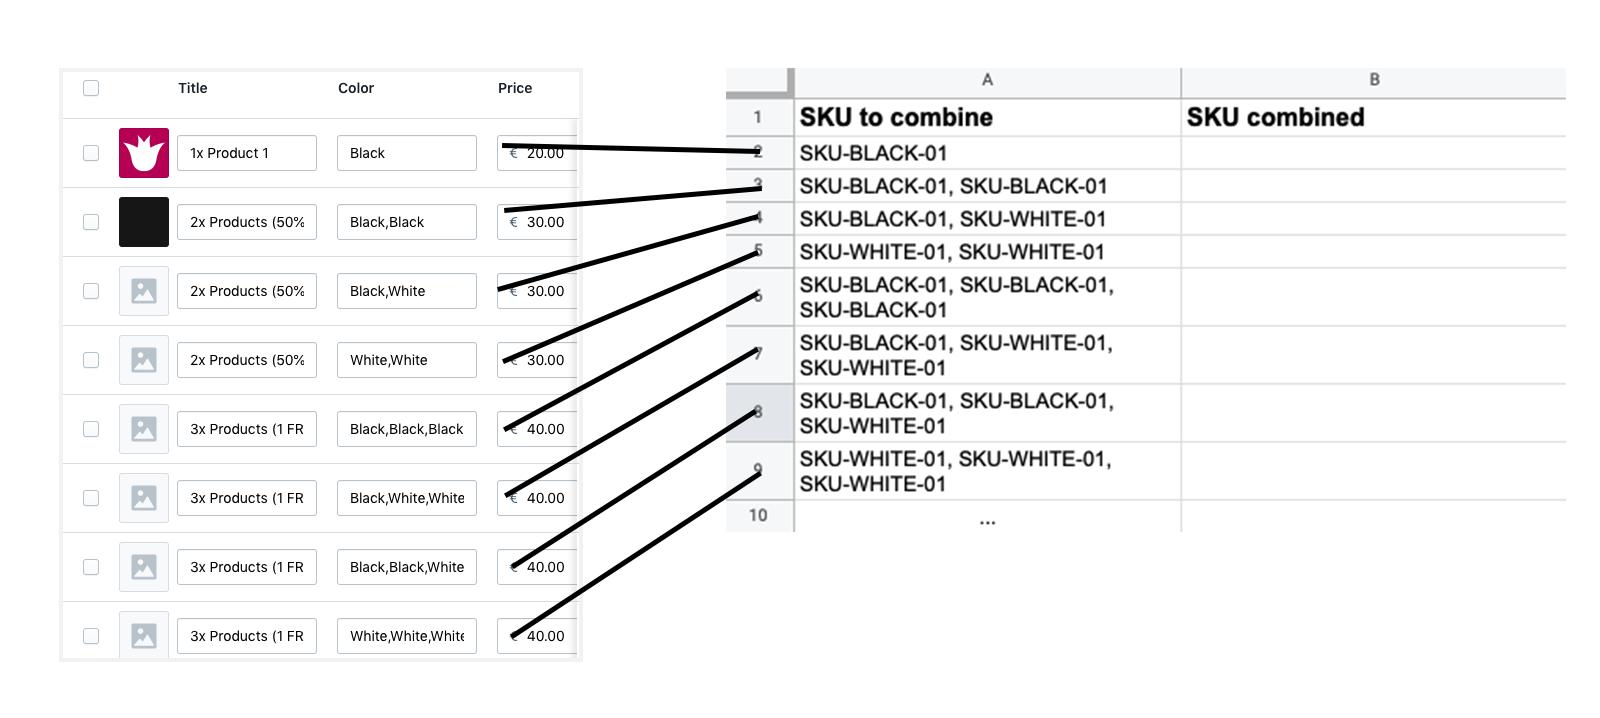 Variants SKU on csv file